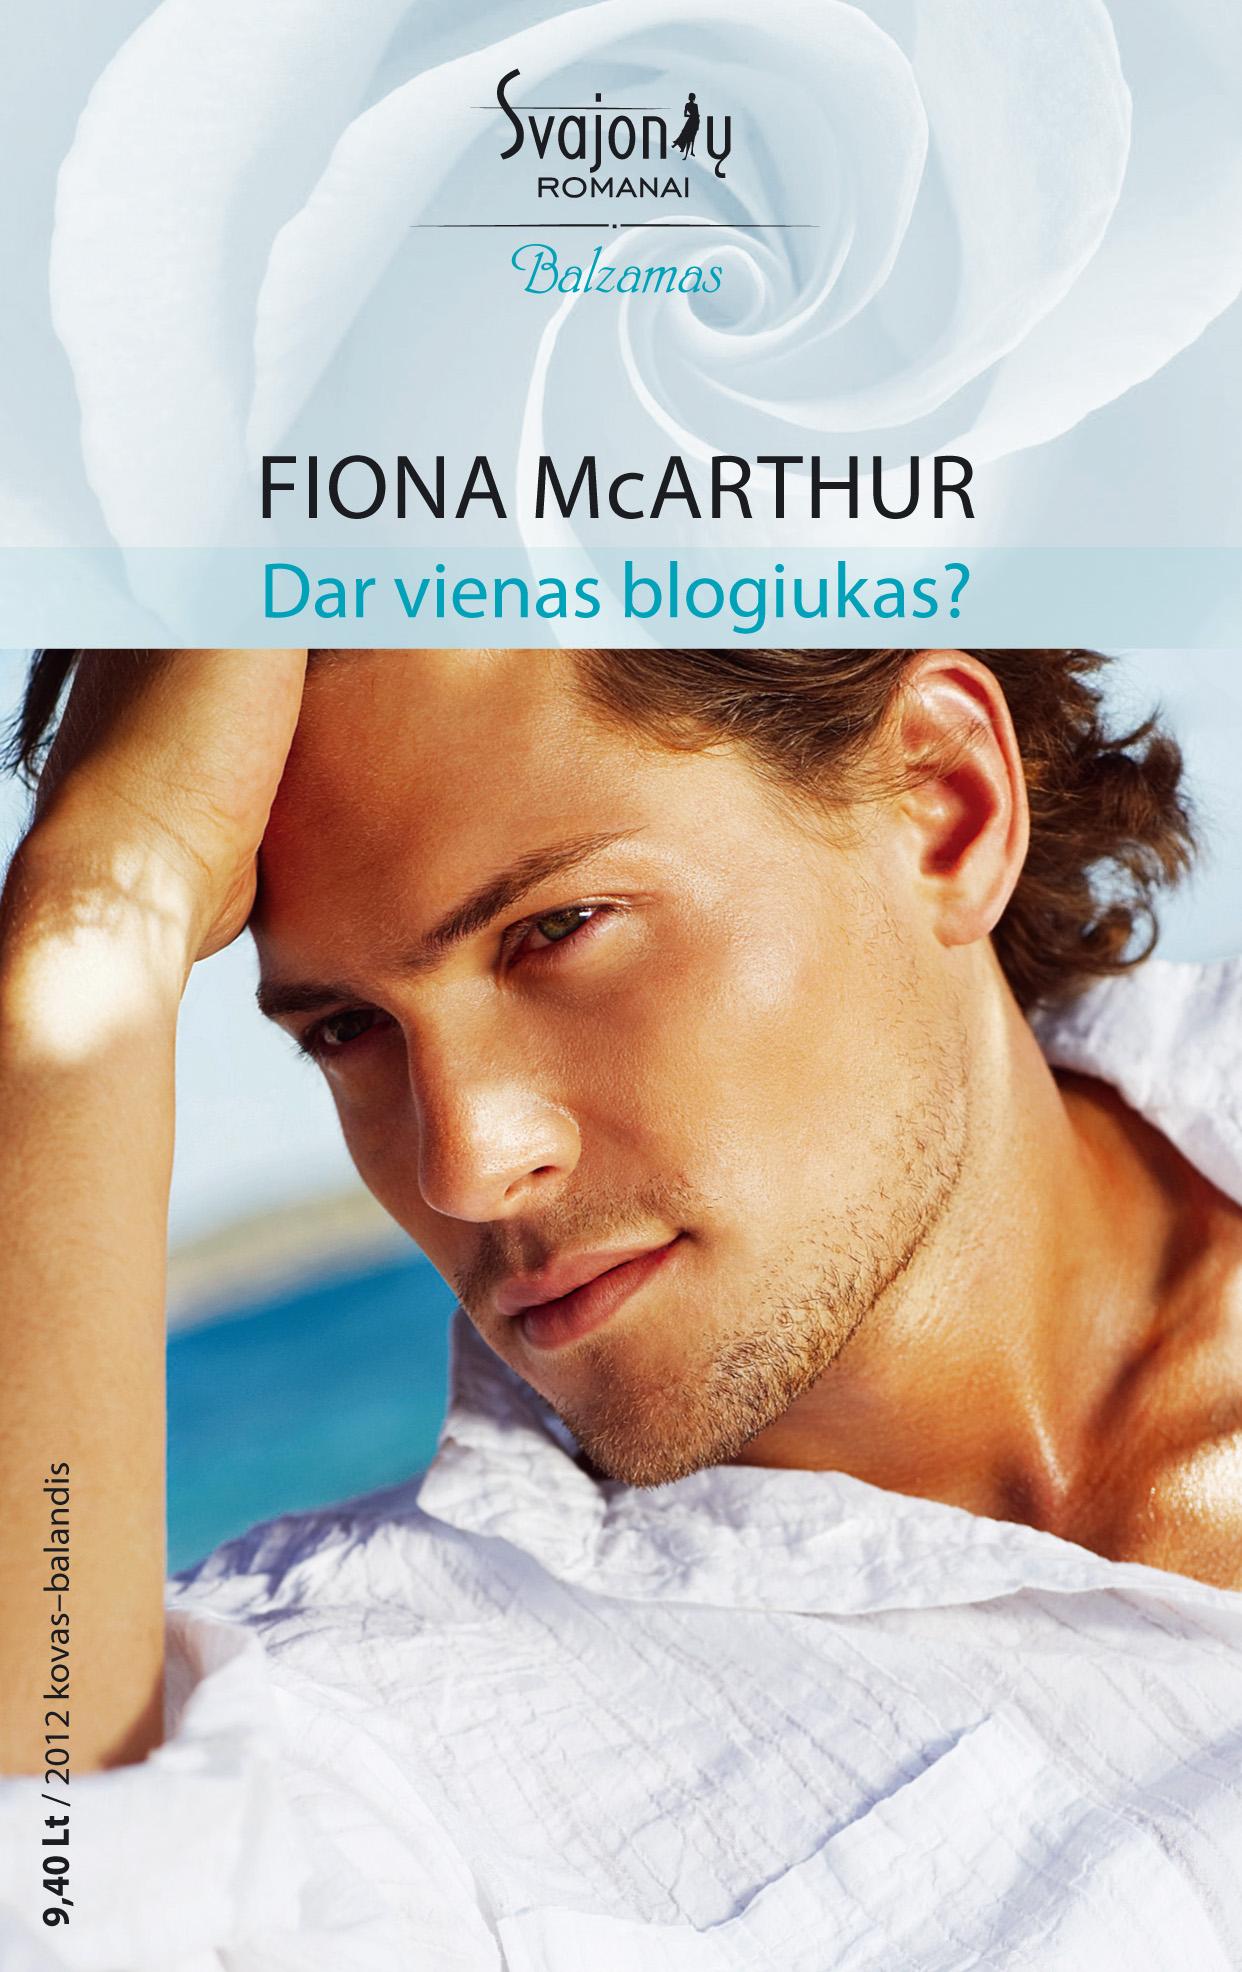 Fiona McArthur Dar vienas blogiukas?